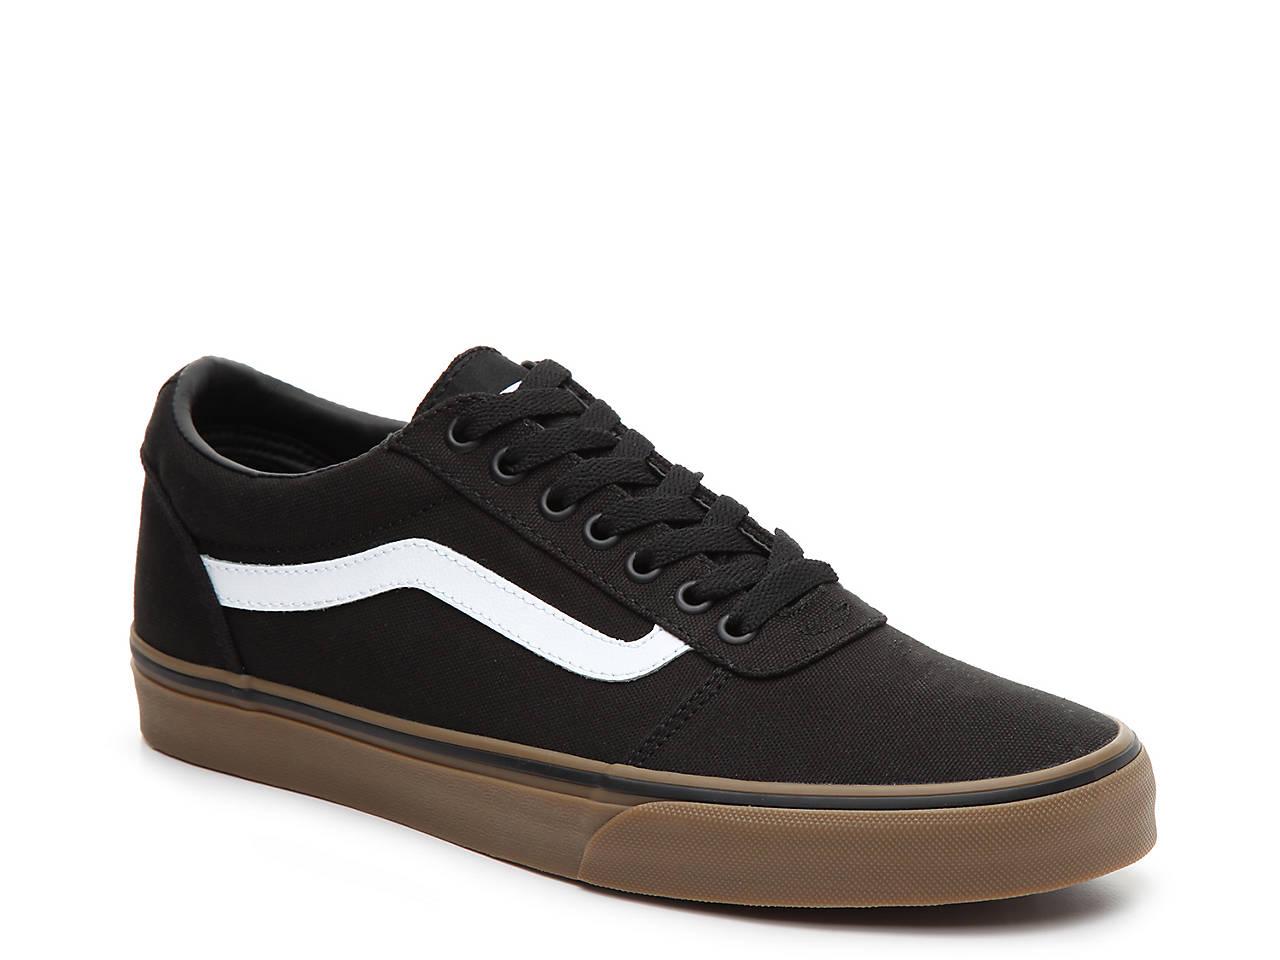 f060fa75b8f422 Vans Ward Lo Sneaker - Men s Men s Shoes